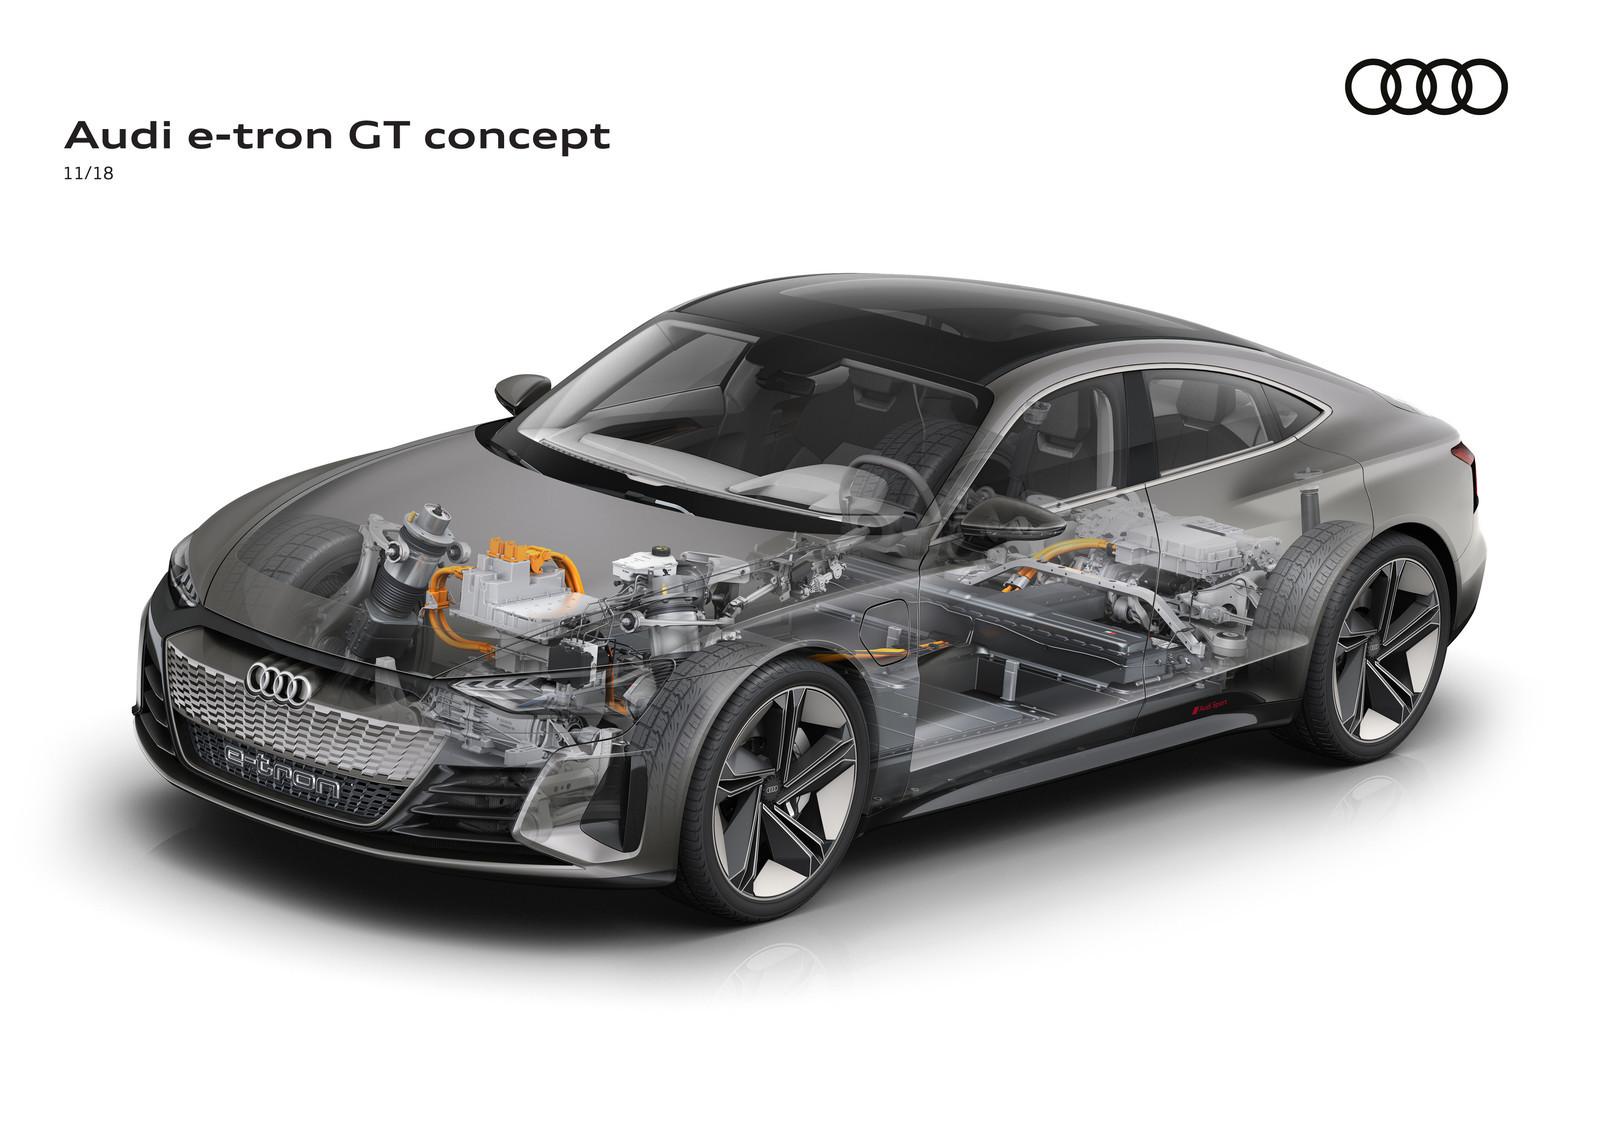 Foto de Audi e-tron GT concept 2018 (10/55)